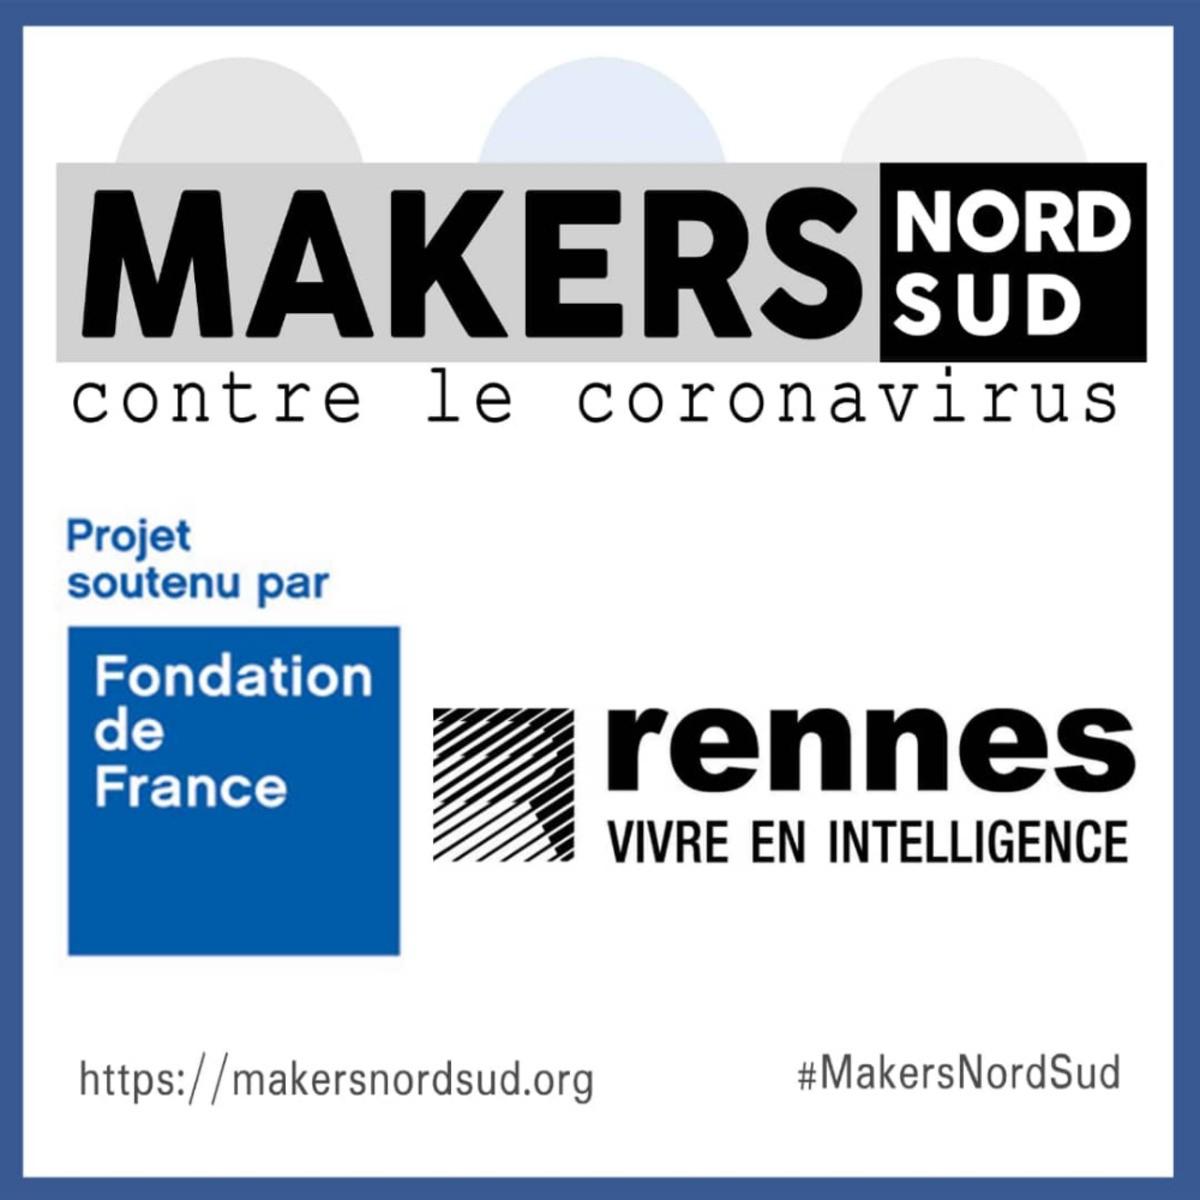 MakersNordSud : Le projet obtient le soutien de Rennes Villes et Métropole et de la Fondation de France